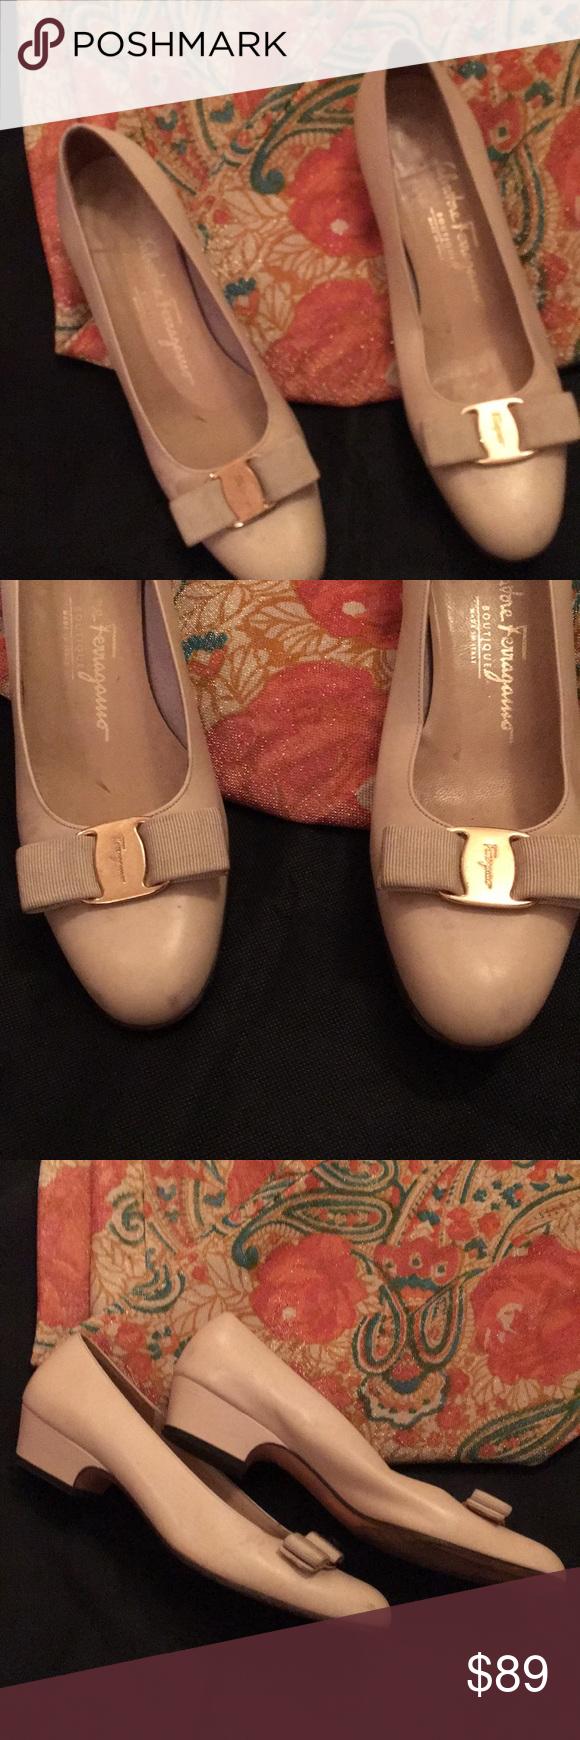 e8ff0527f5 Salvatore ferragamo boutique Salvatore ferragamo boutique flats beige with  bow , preloved Salvatore Ferragamo Shoes Flats & Loafers